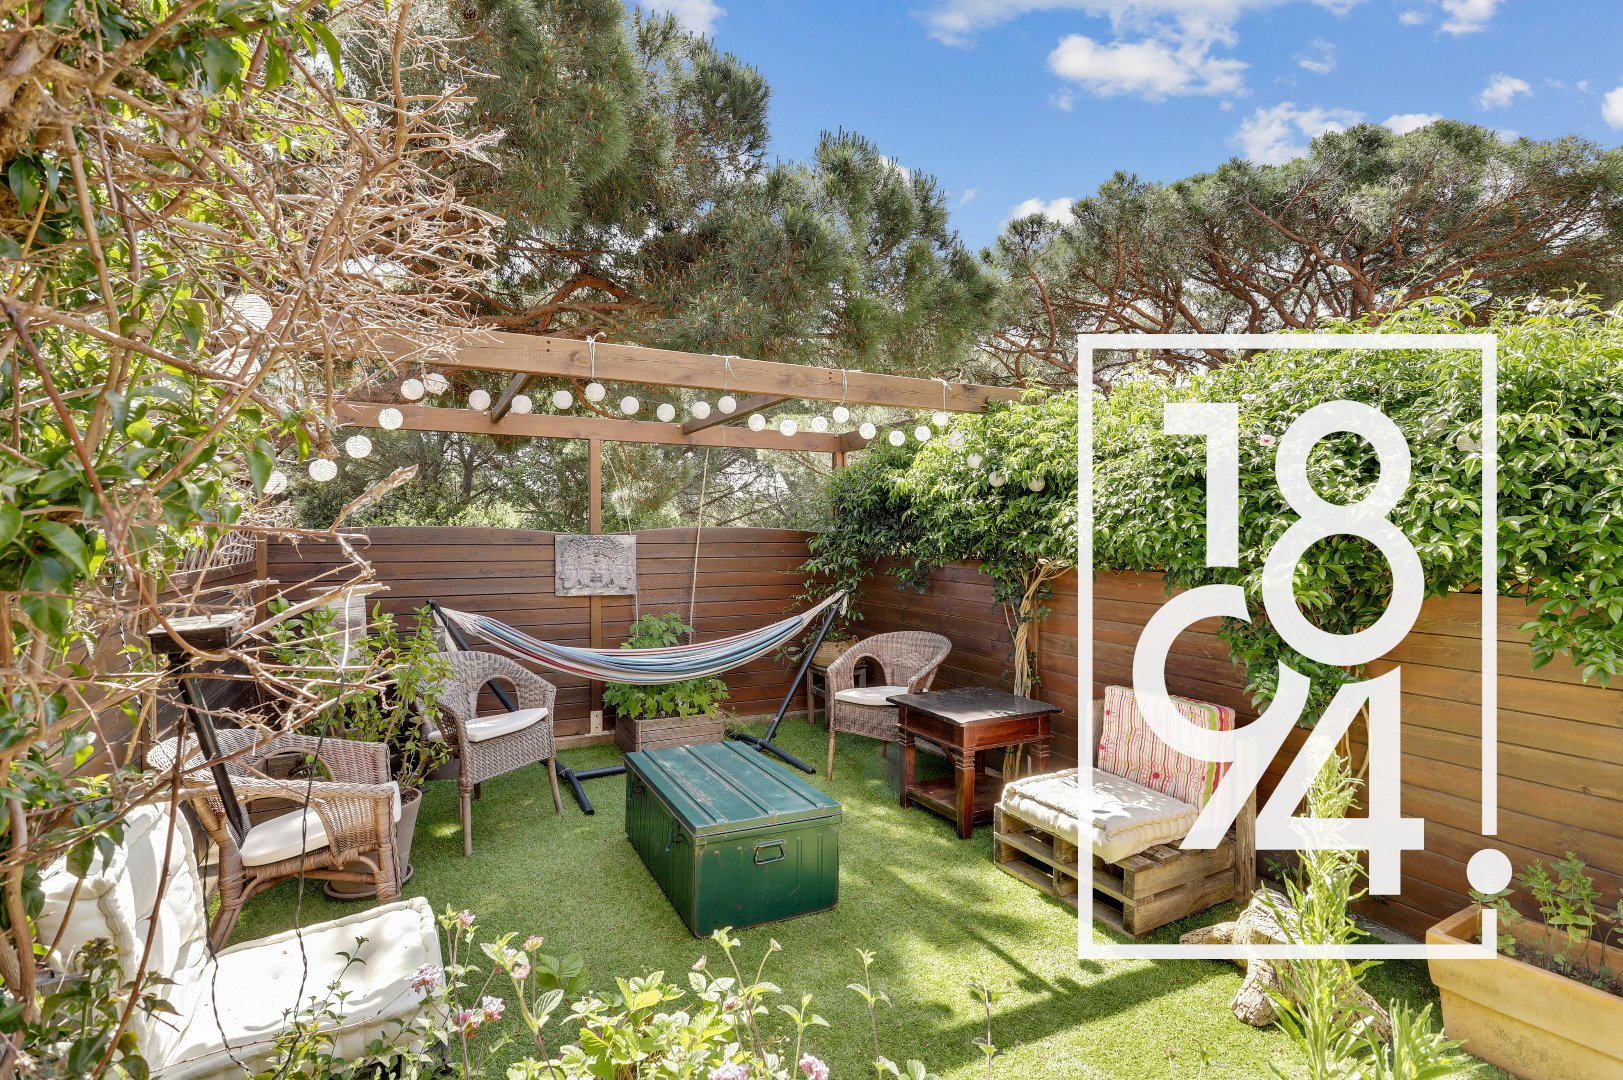 Mazet lumineux T3 de 50m2 avec jardin privatif